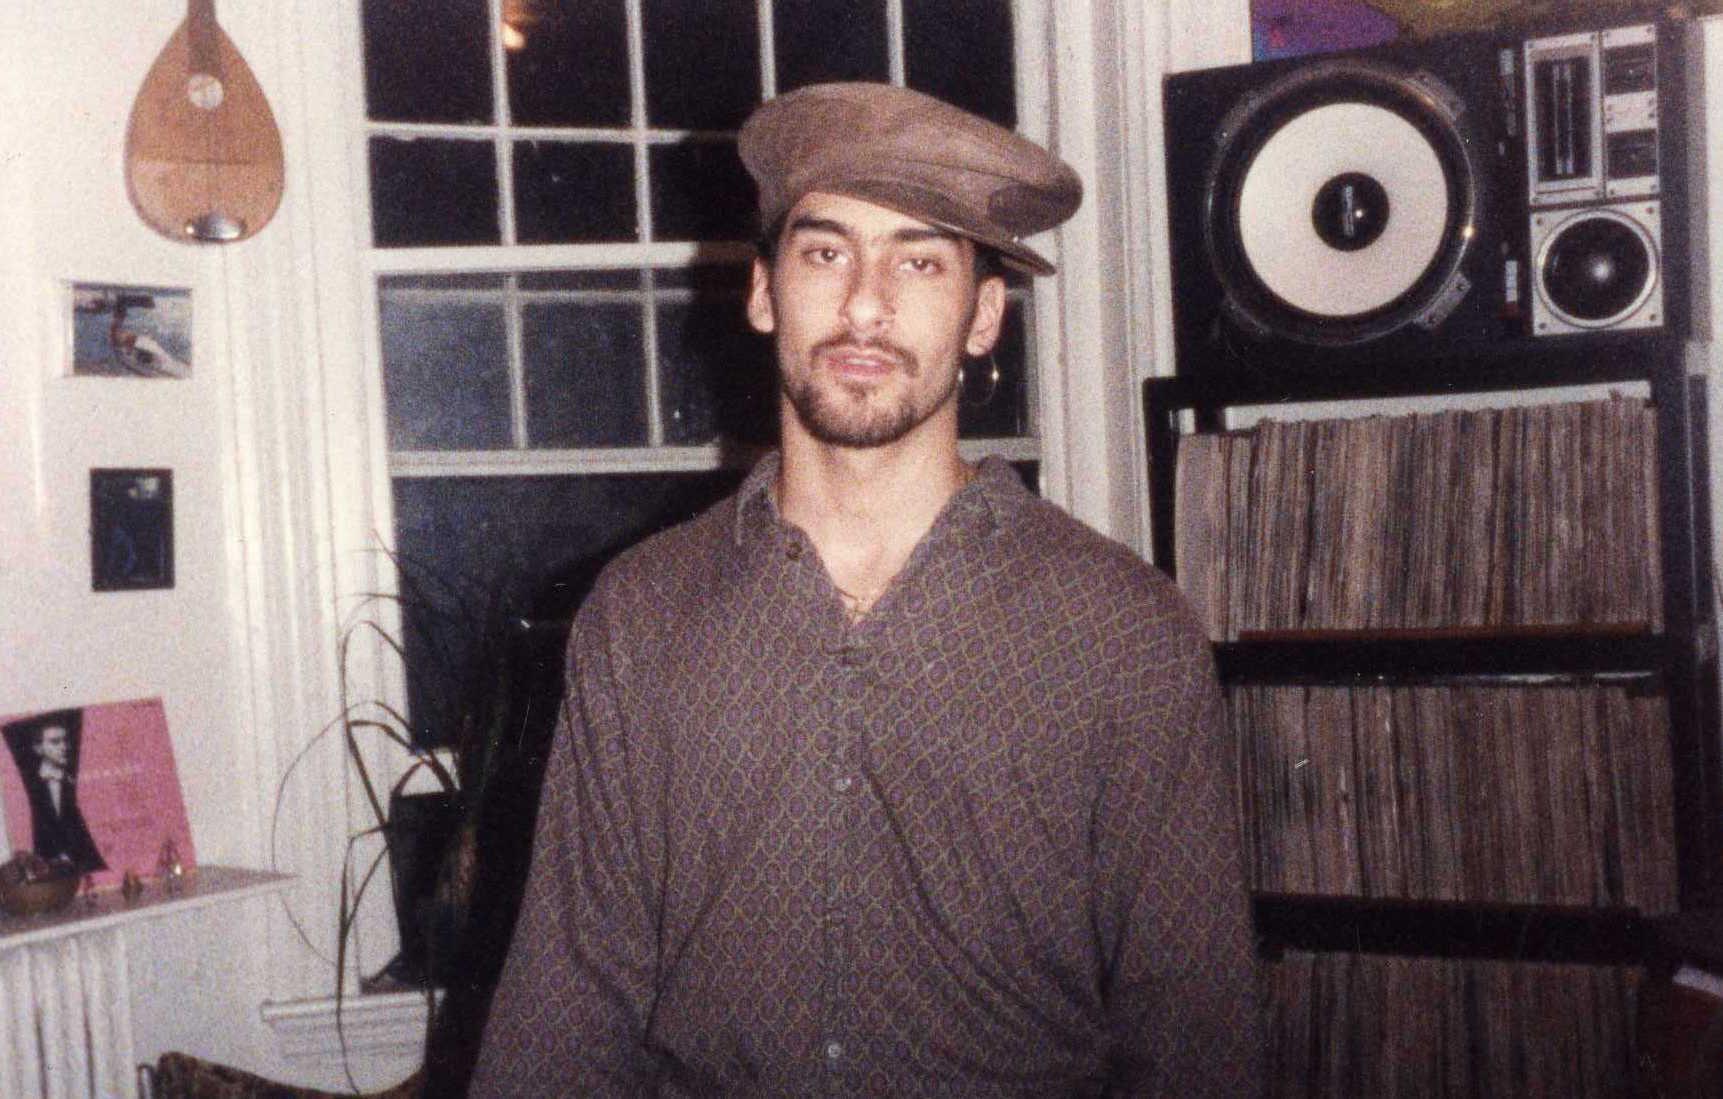 Old School Photos Of House Music Legend Armand Van Helden